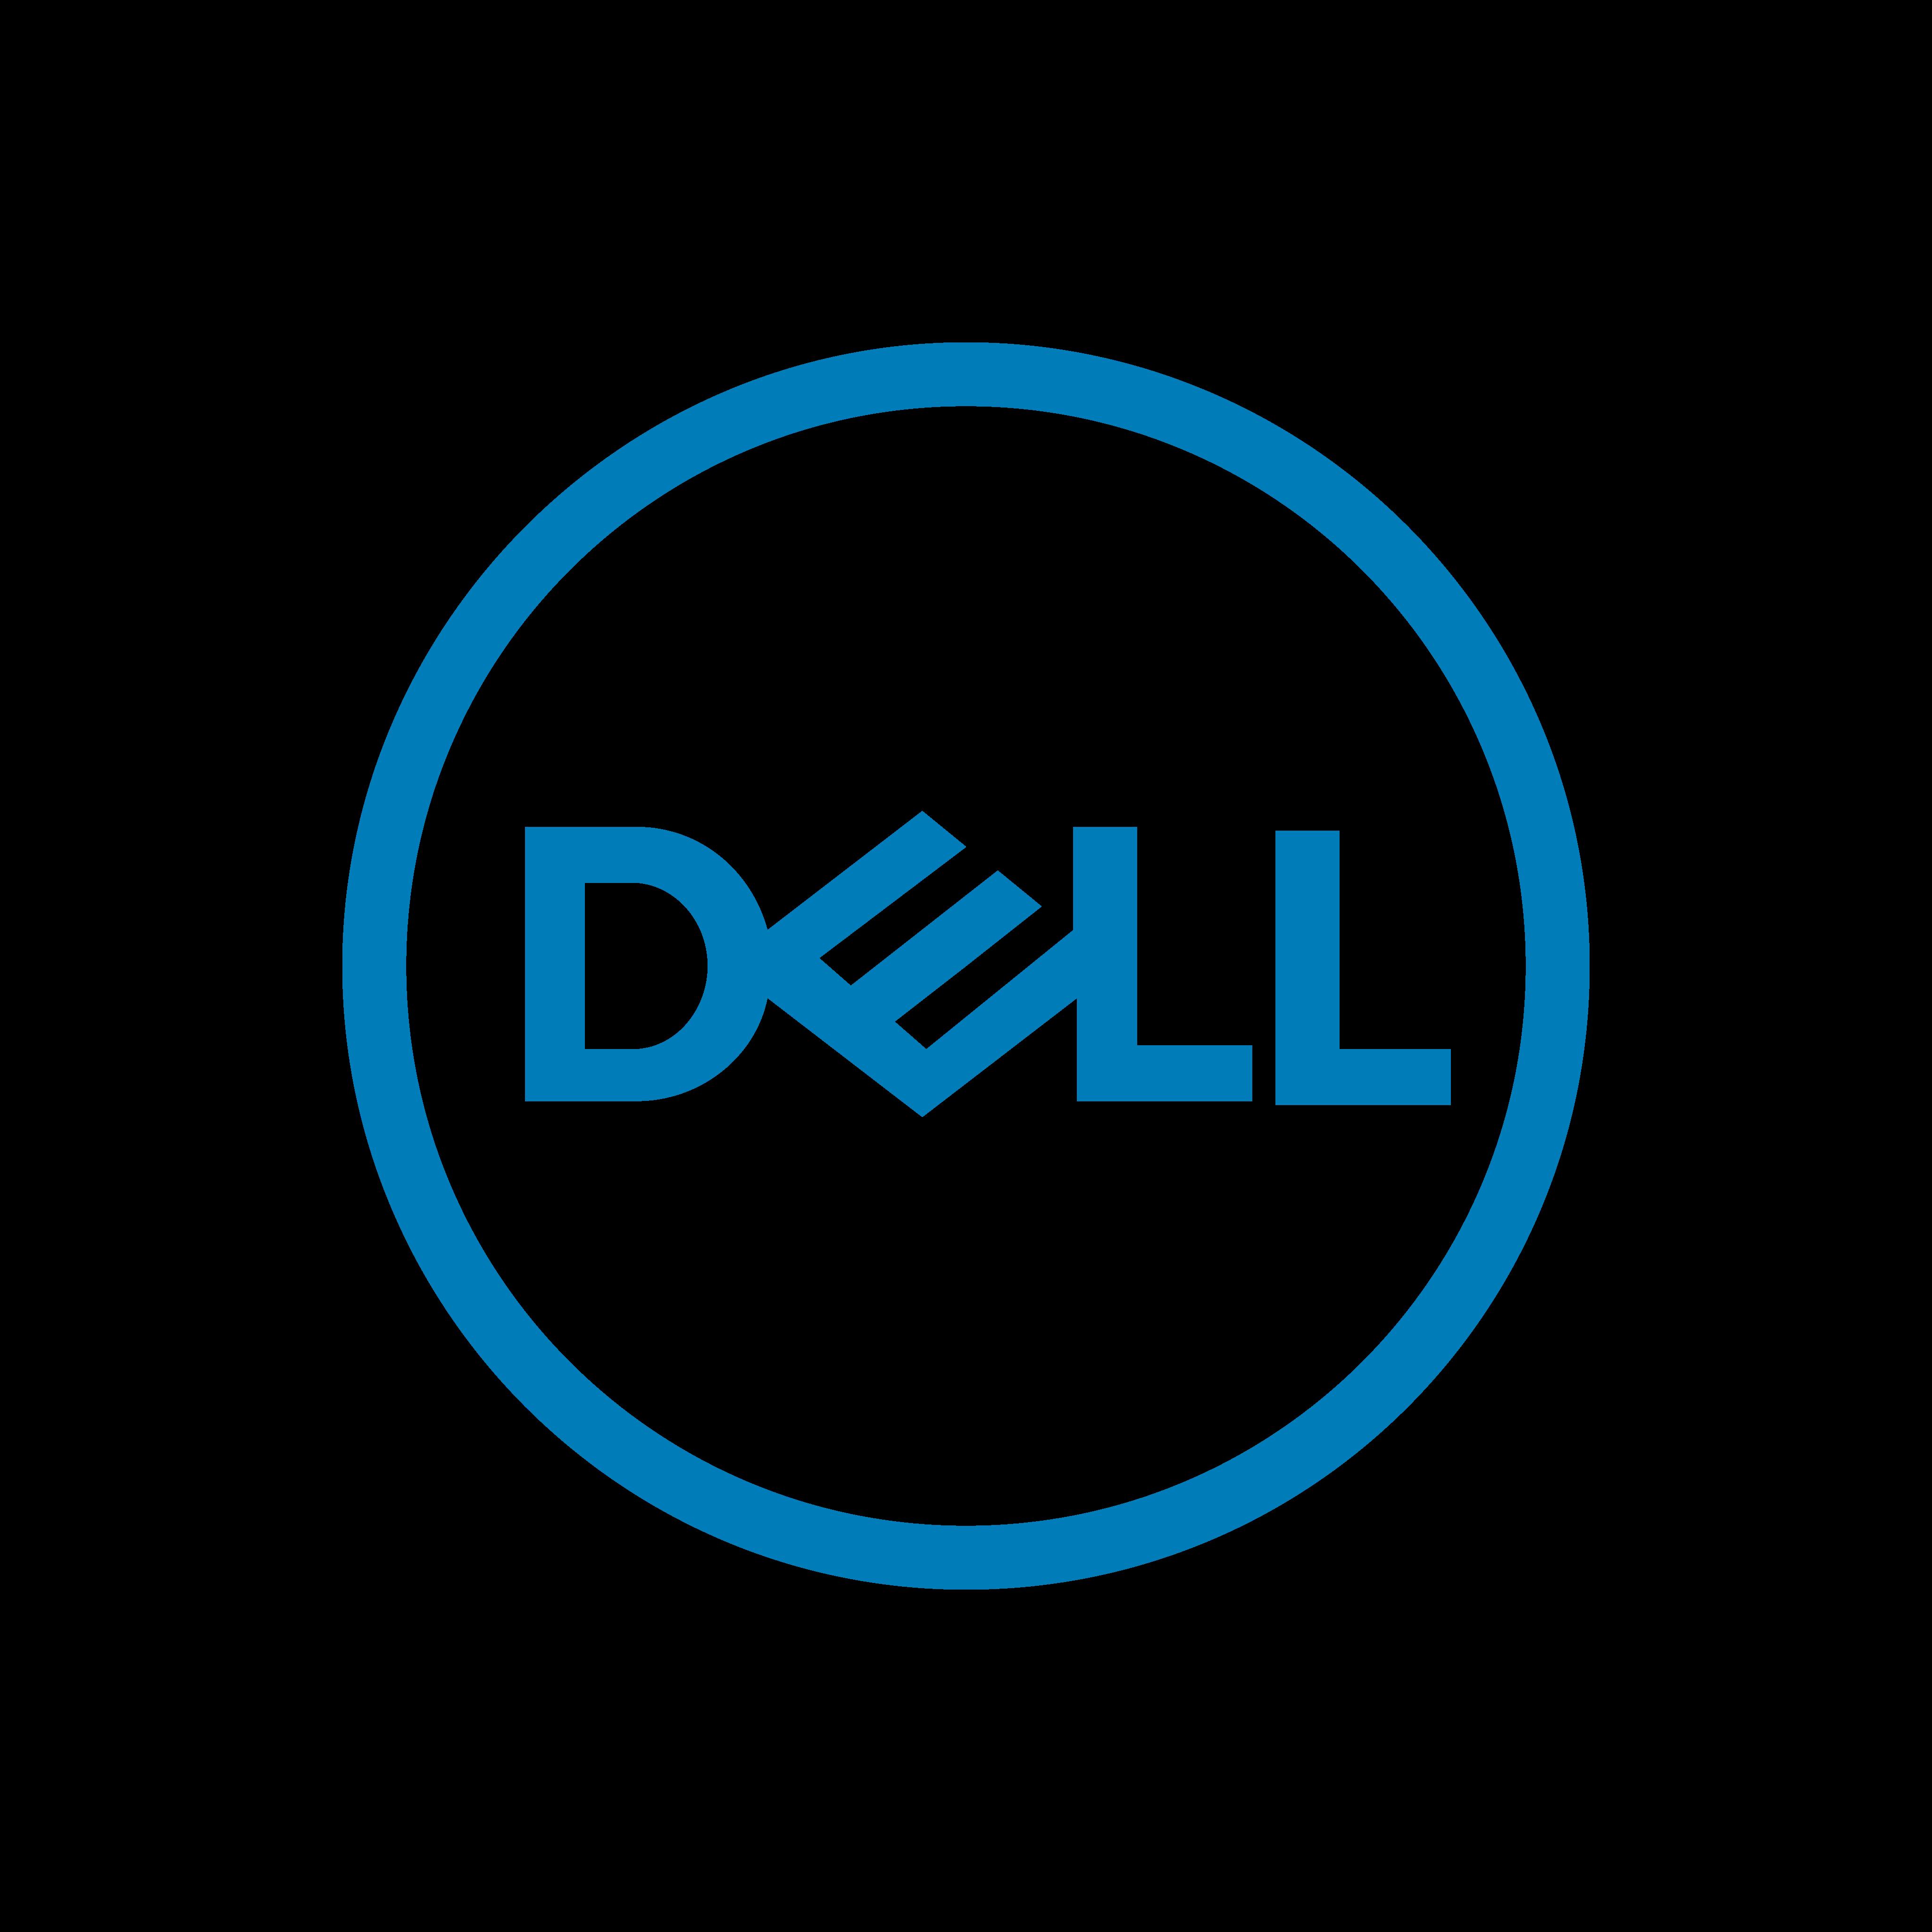 dell logo 0 - Dell Logo